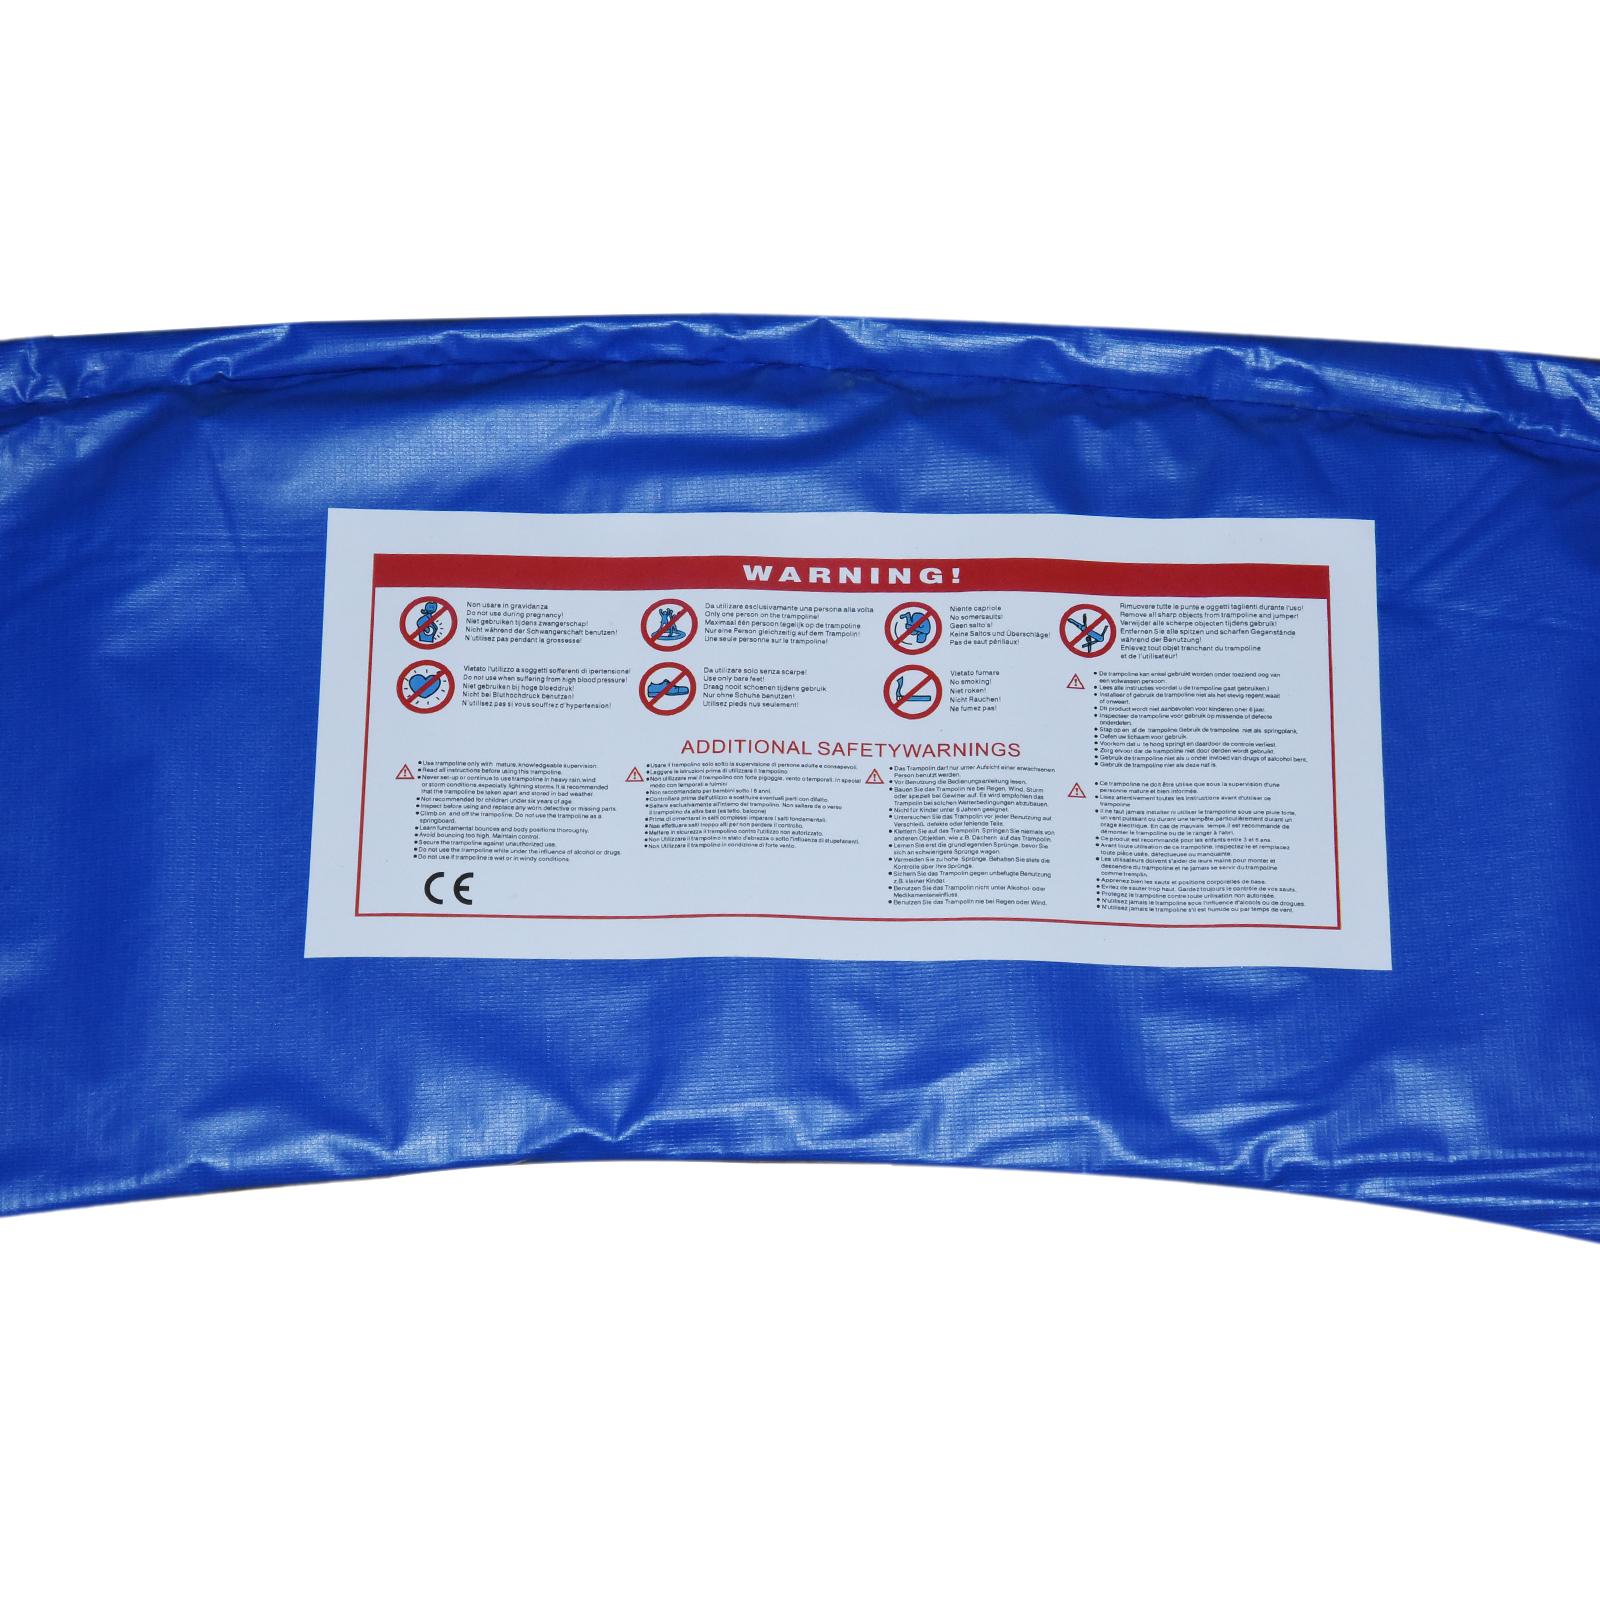 Cubierta-Protectora-para-Borde-de-Cama-Elastica-Trampolin-3-Medidas-Opcionales miniatura 9